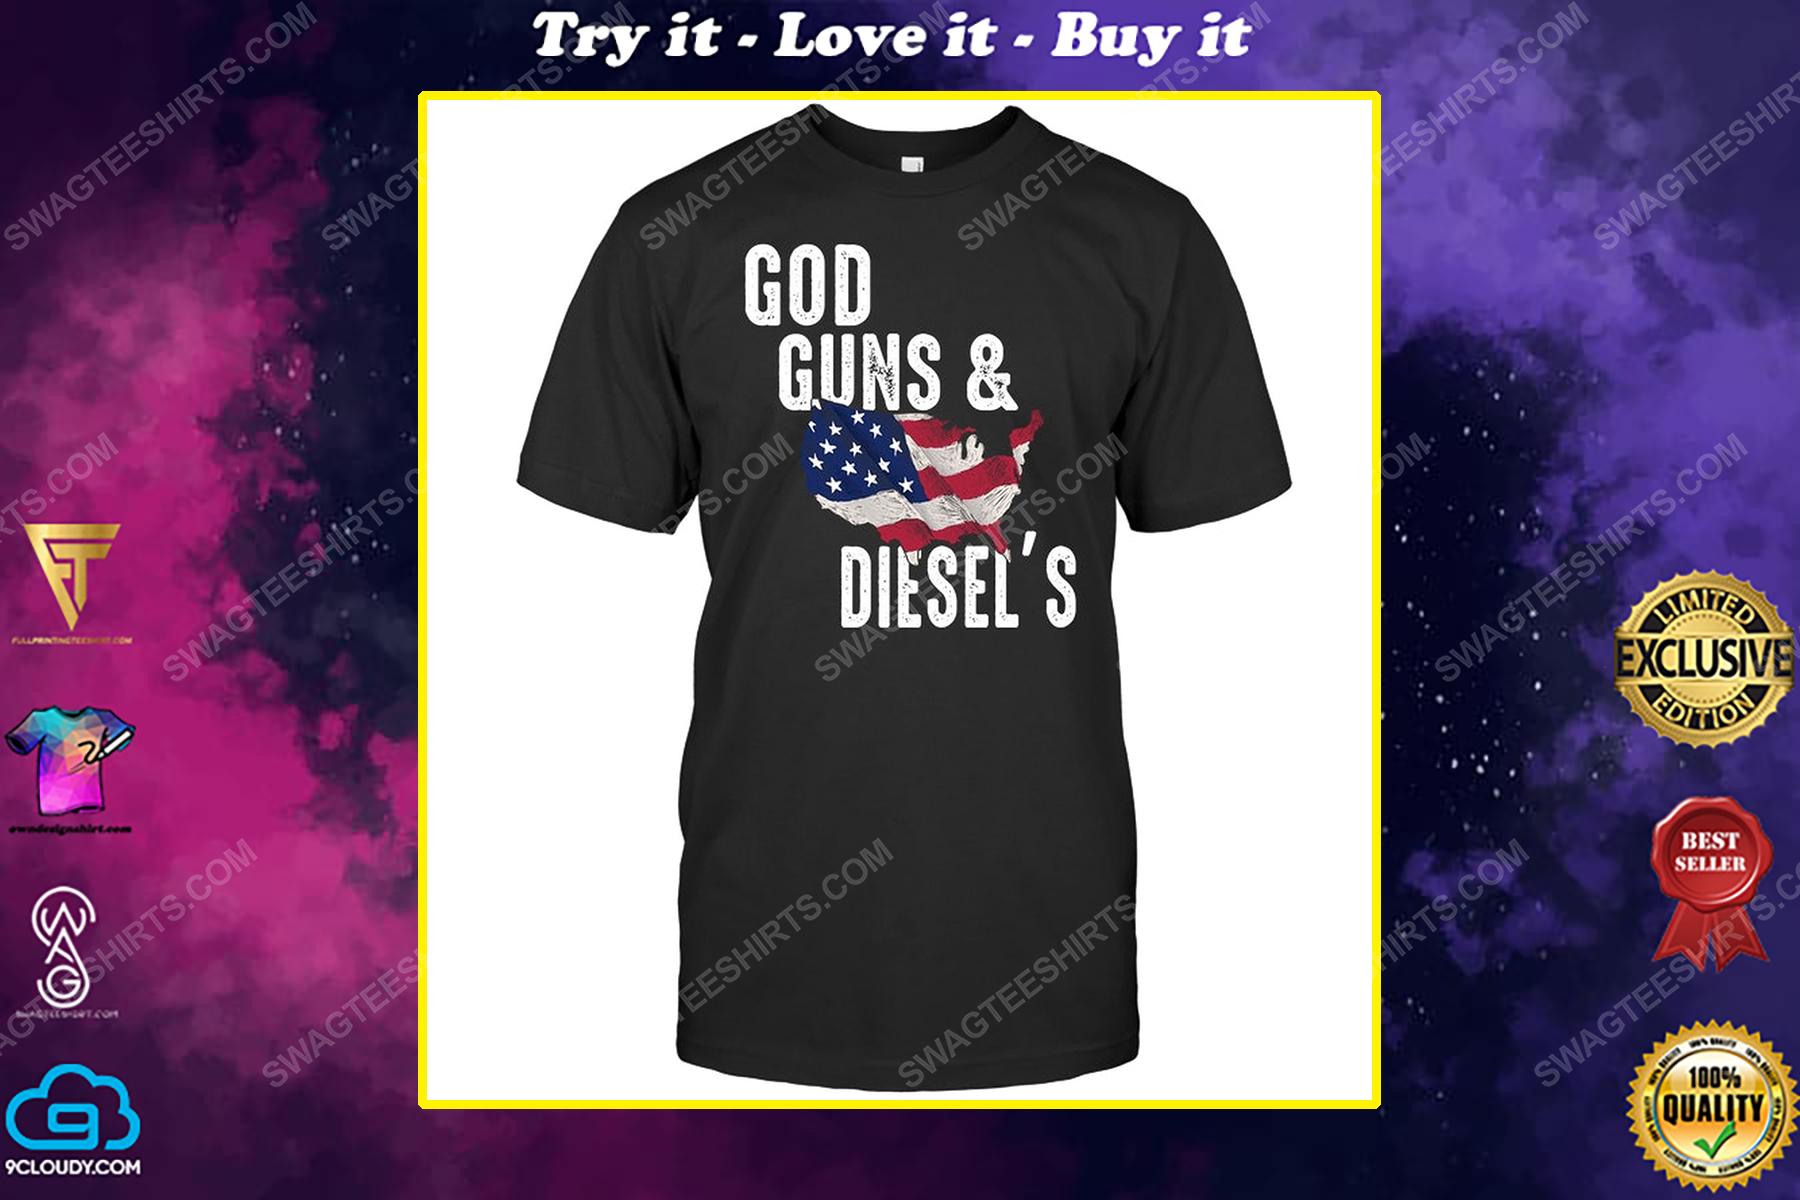 God guns and diesel's american flag political shirt